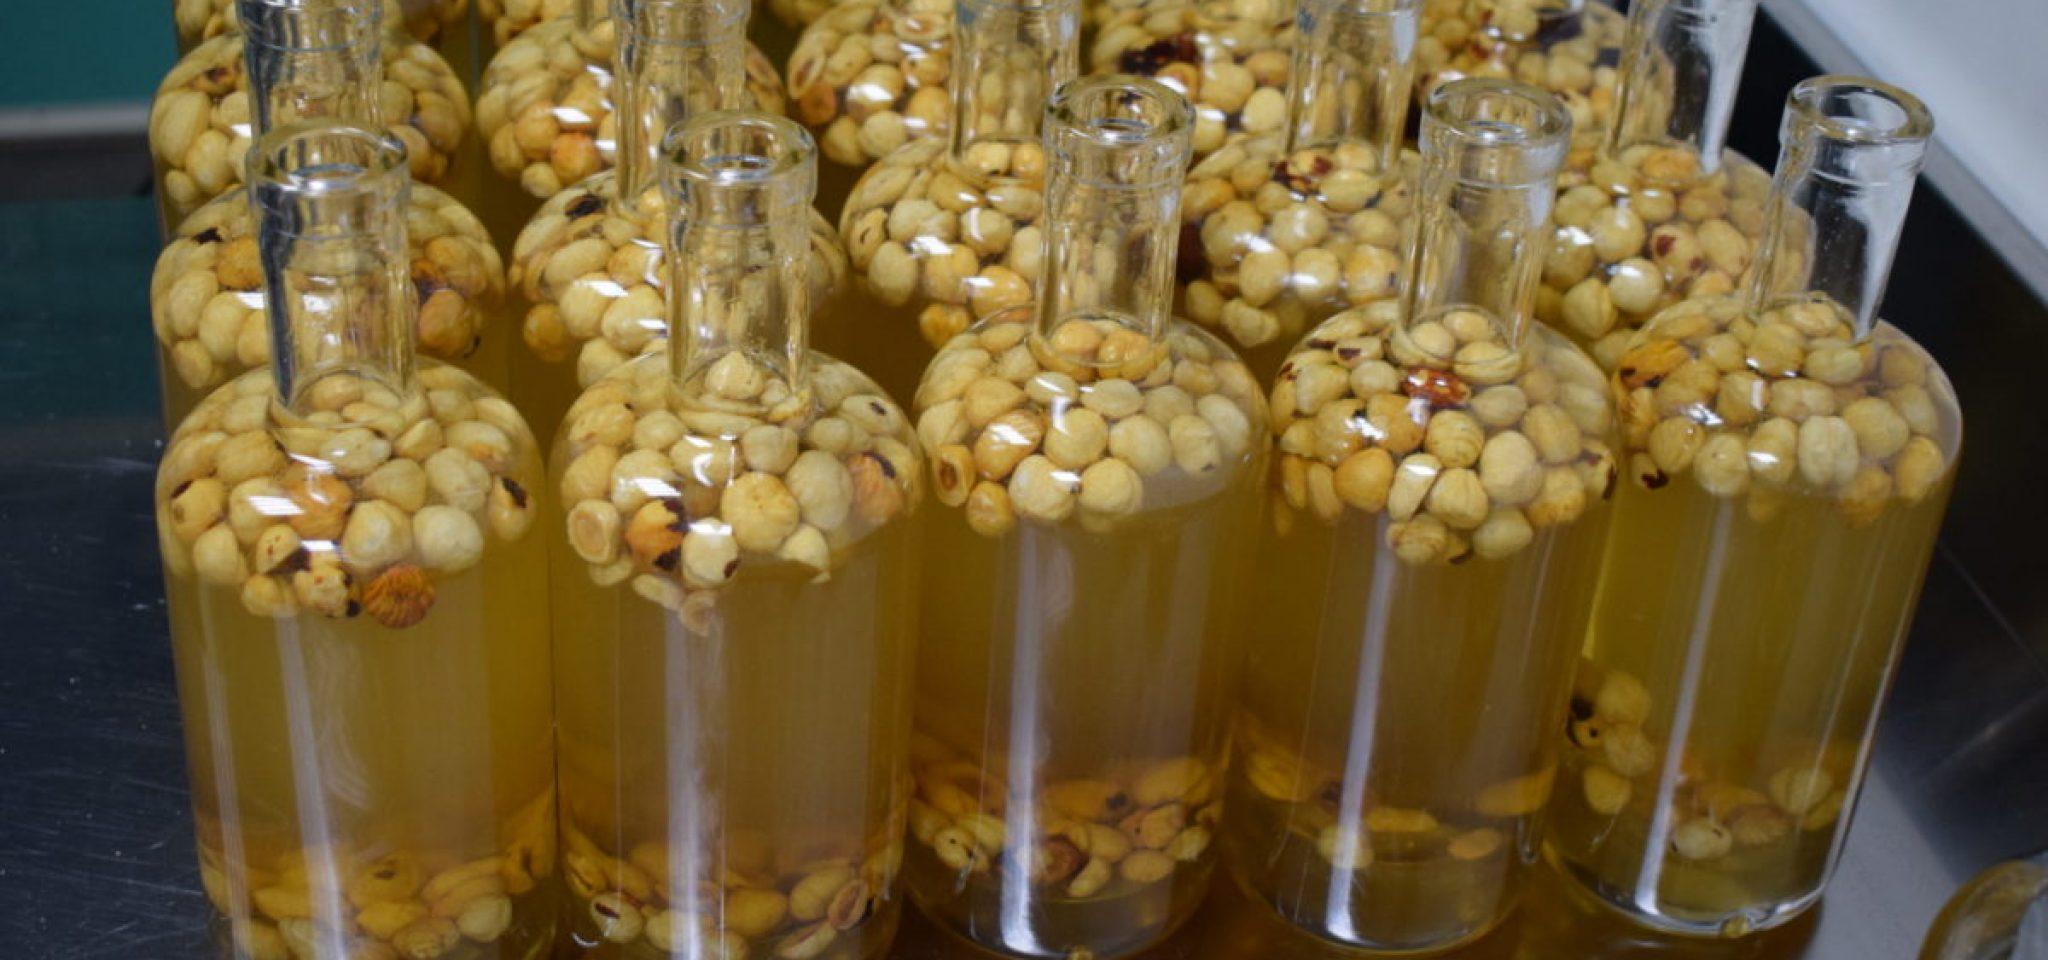 les arrangeurs français rhum et armagnac arrangé bio gers artisan bouteille